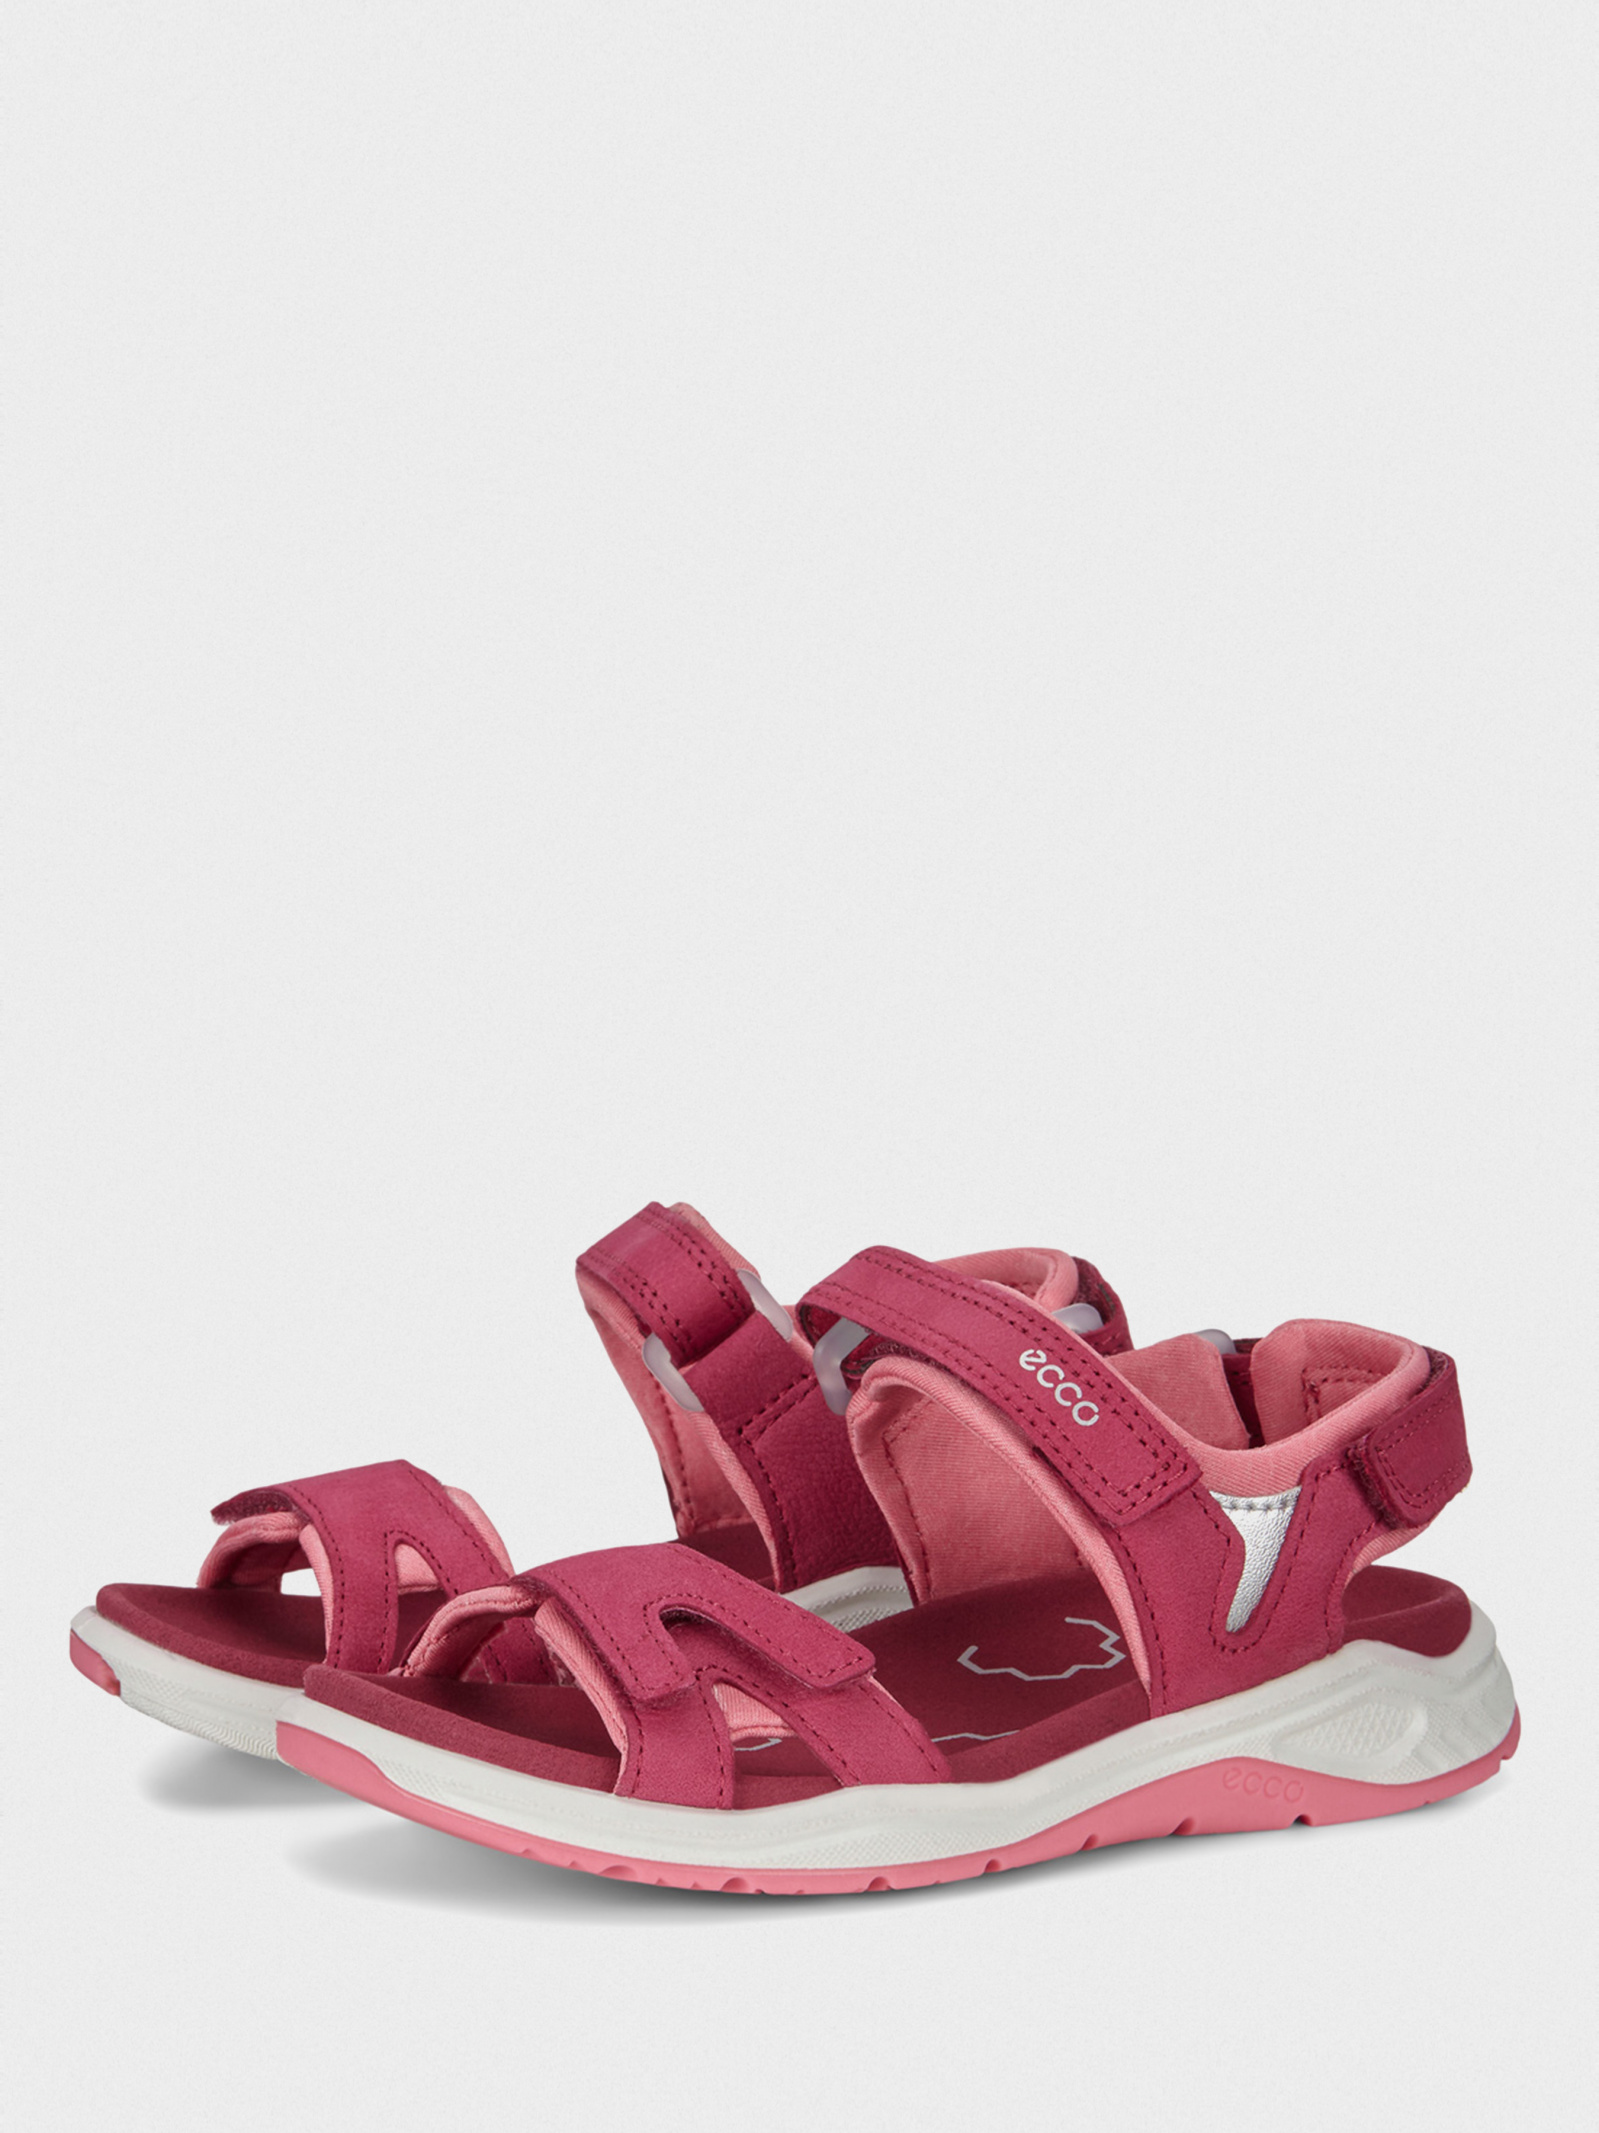 Сандалі  для дітей ECCO 710612(02422) брендове взуття, 2017